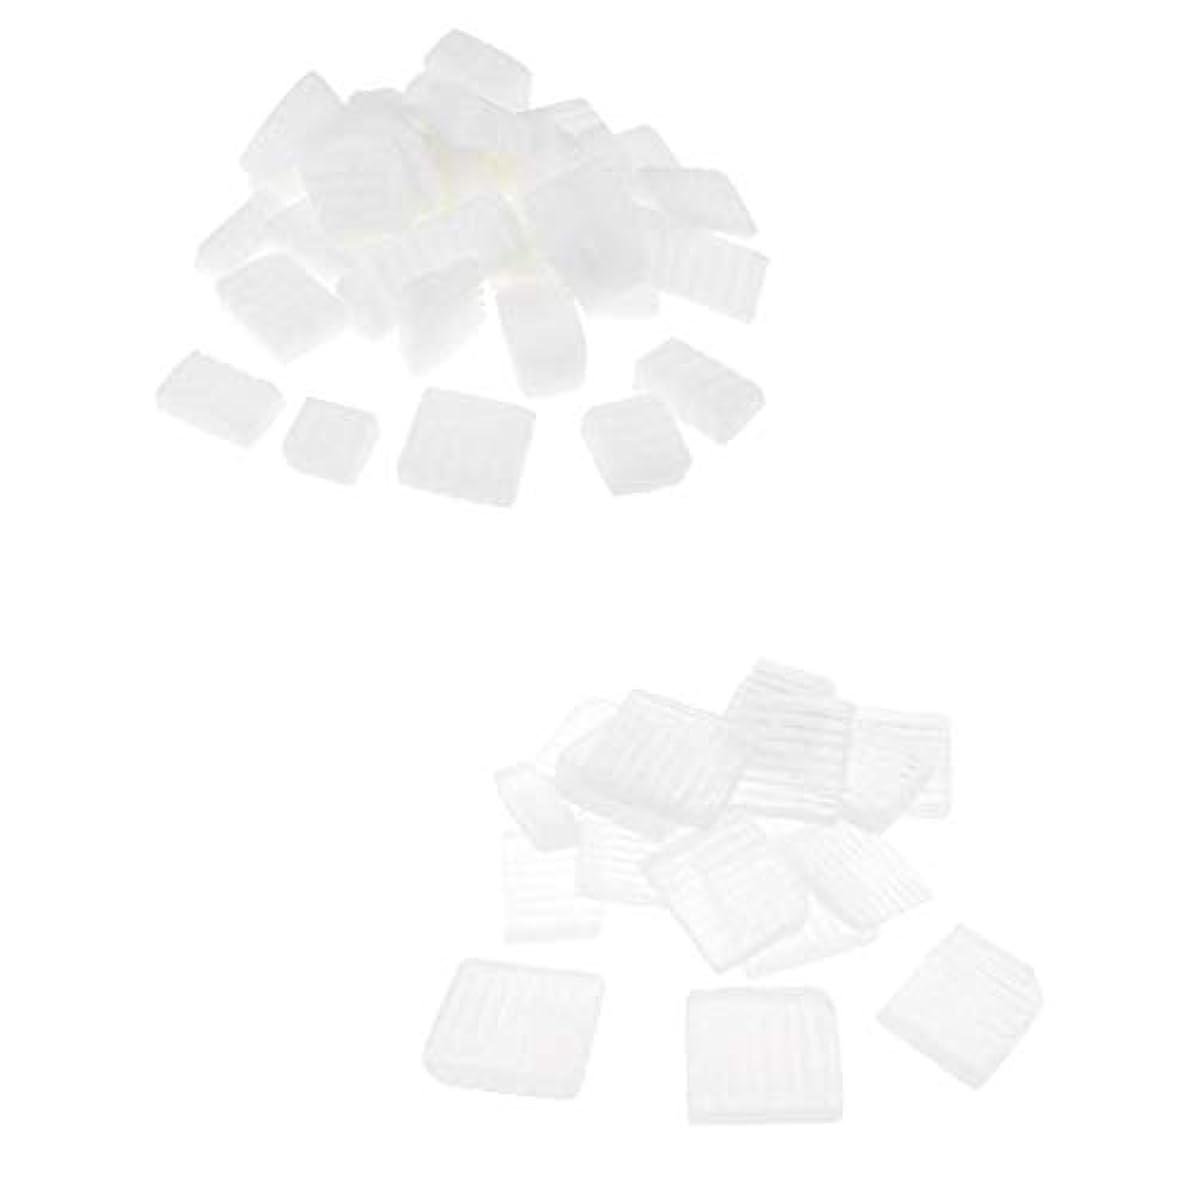 すでに熱望するハグFLAMEER 固形せっけん 石鹸ベース 2KG ホワイトクリア DIY製造 工芸品 ハンドメイド 石鹸原料 耐久性